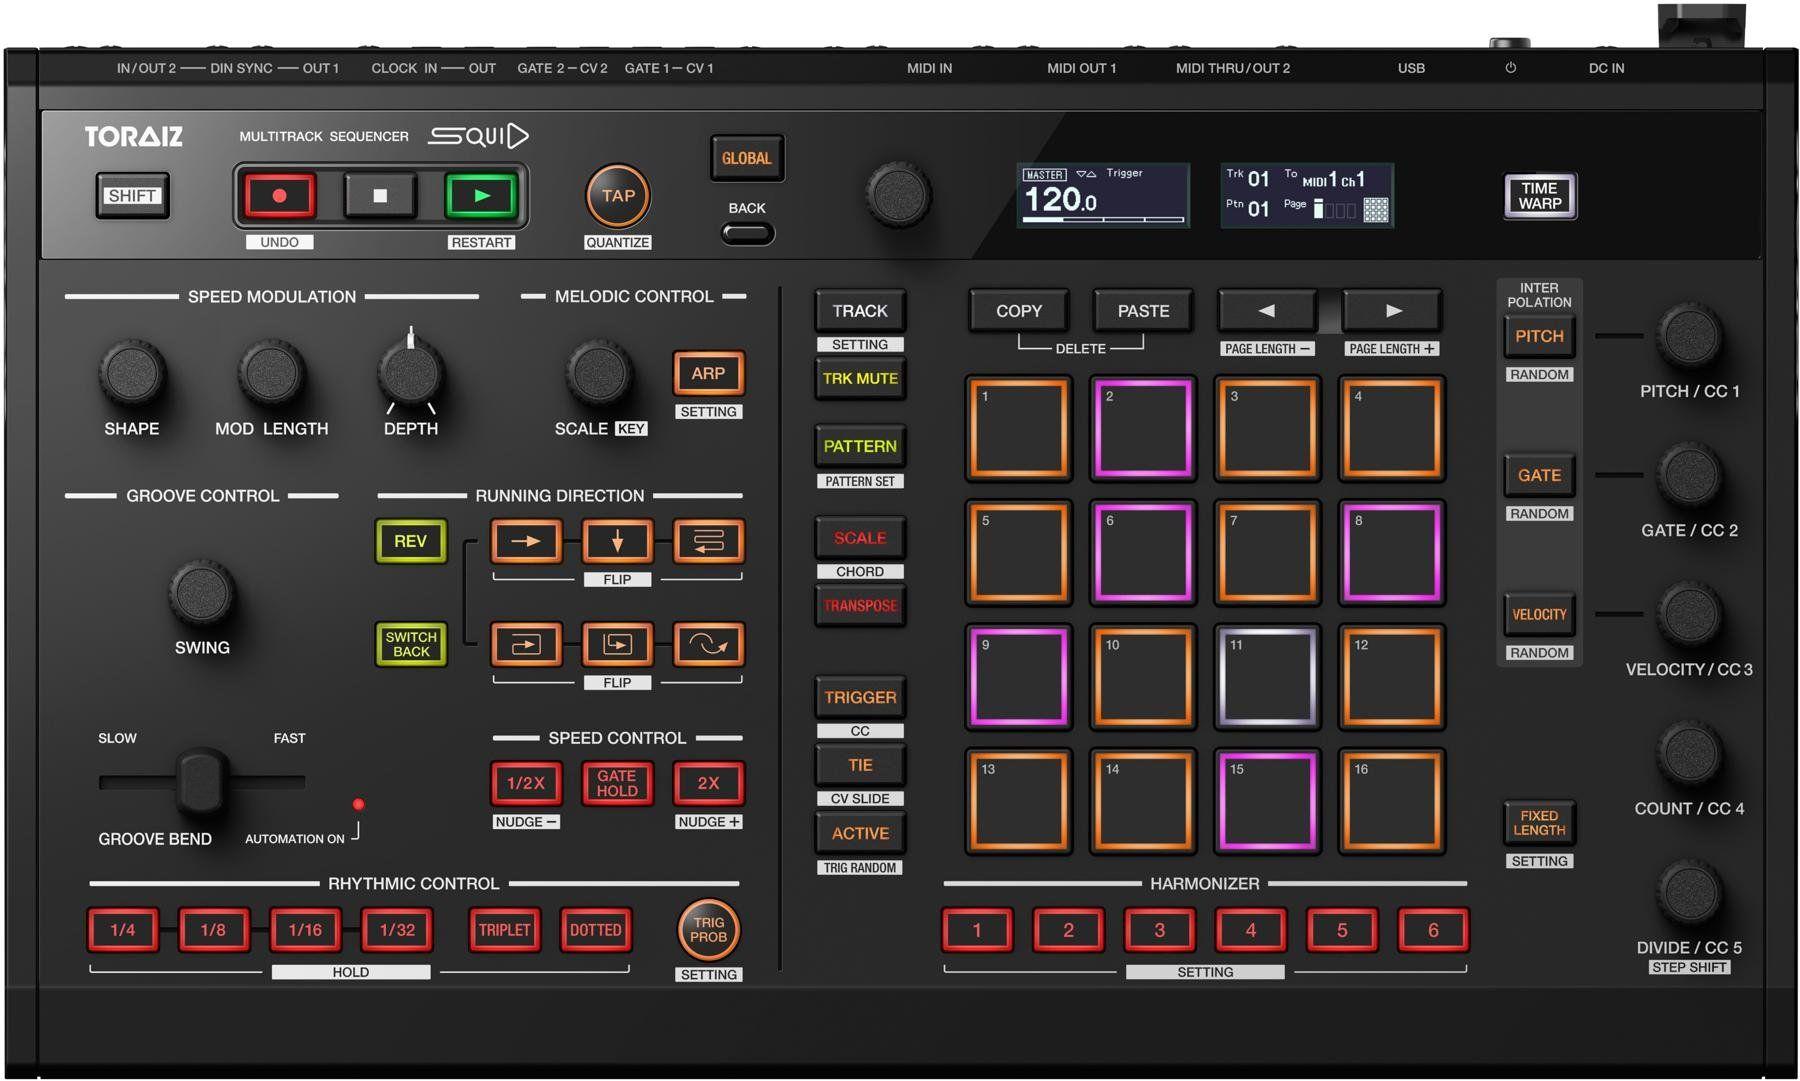 Pioneer Toraiz Squid: Sequenzer (2019 Release, 16 RGB Pads, 64 Pattern / Steps, MIDI Ein-/Ausgang, Interpolation)